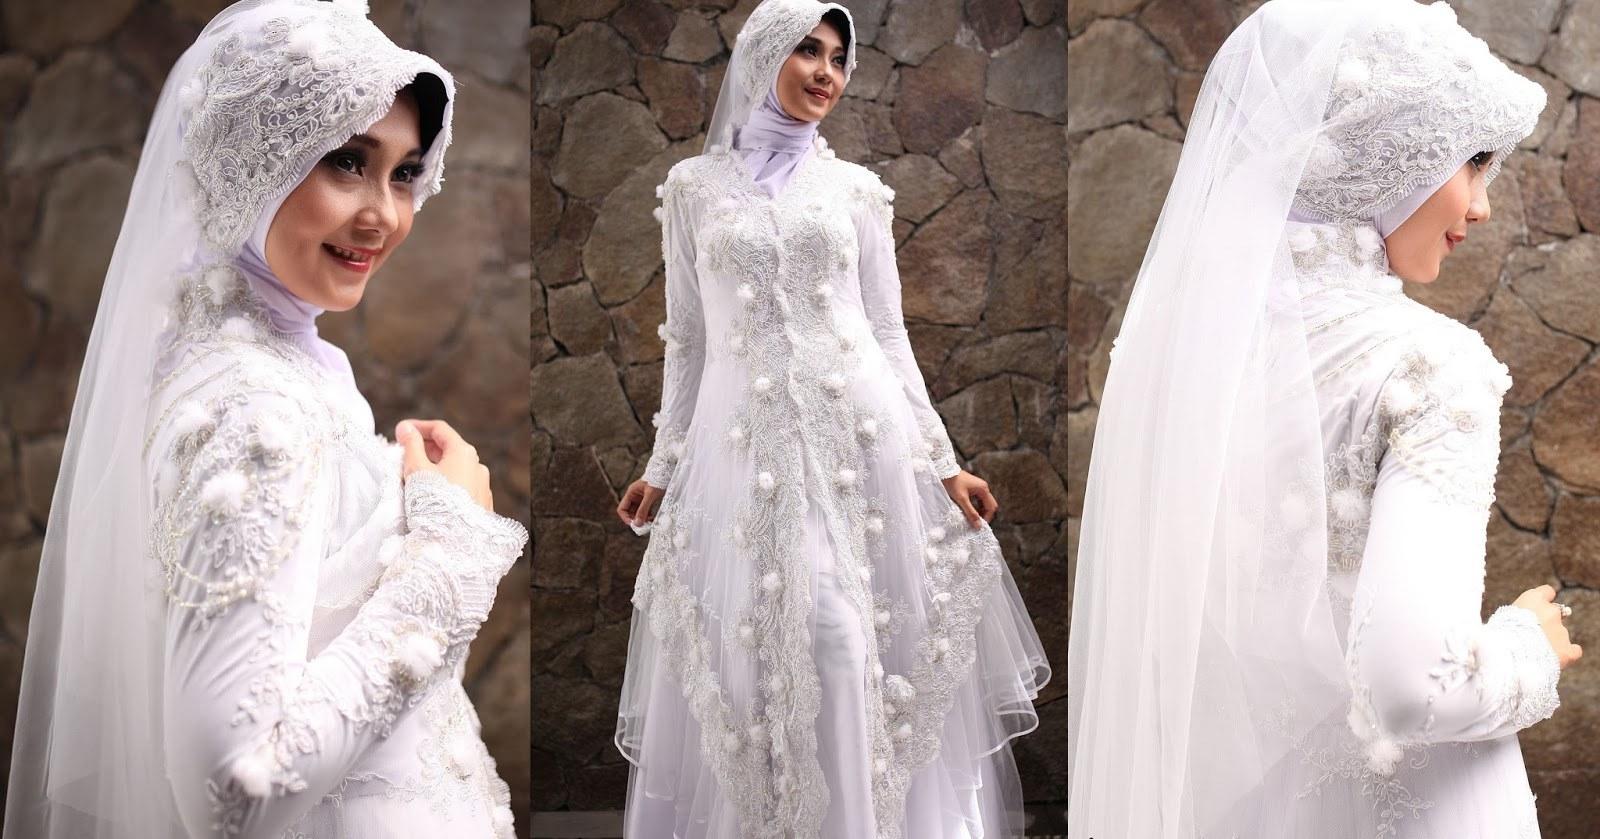 Inspirasi Gaun Resepsi Pernikahan Muslimah Kvdd Memilih Baju Pengantin Untuk Muslimah Galeh Aji